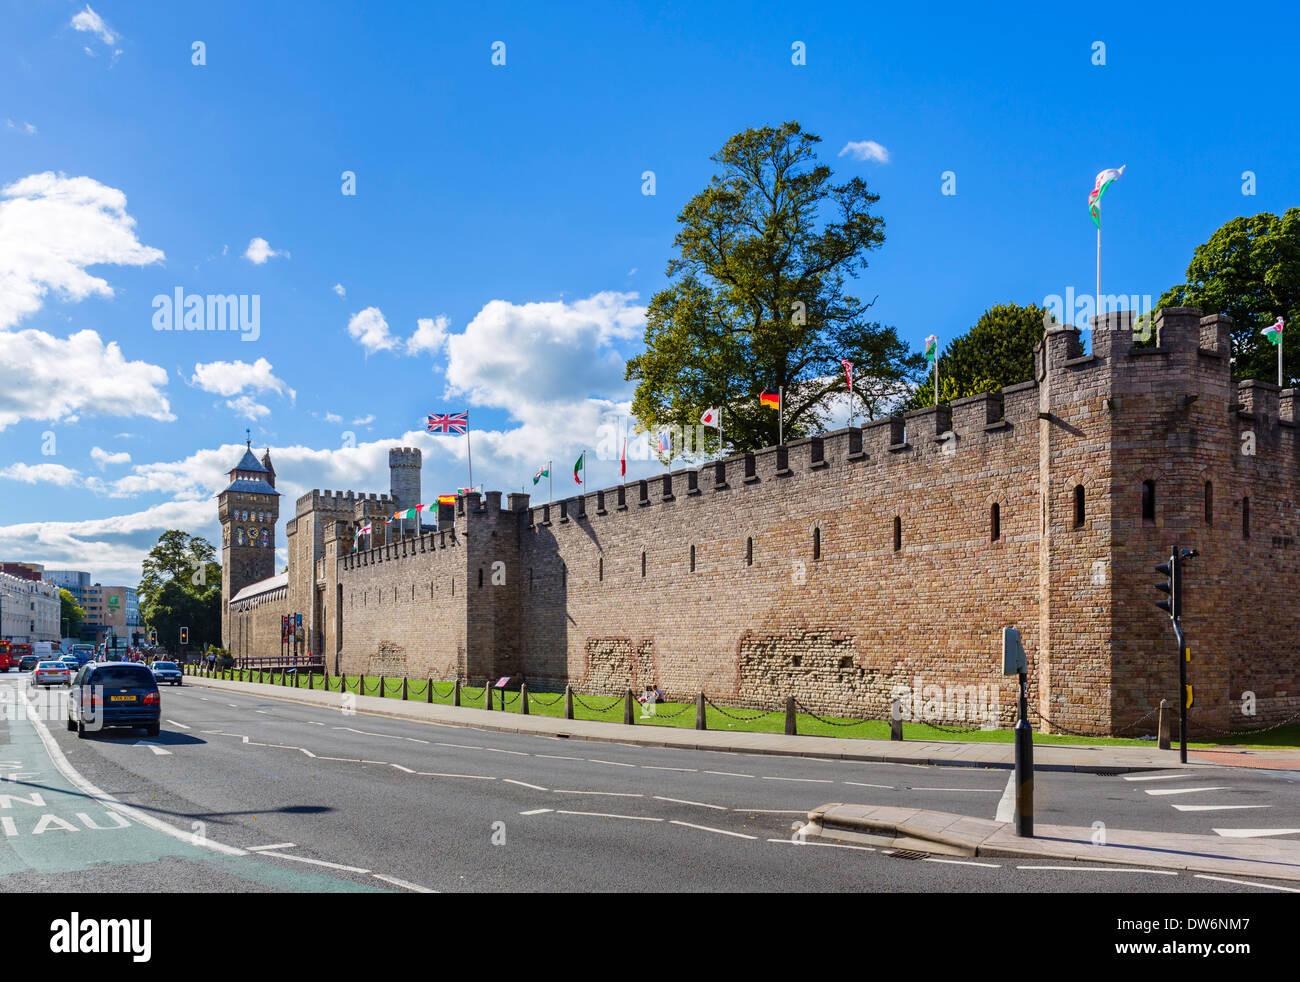 Le pareti esterne del Castello di Cardiff vicino all'ingresso su Castle Street, Cardiff, South Glamorgan, Wales, Regno Unito Immagini Stock